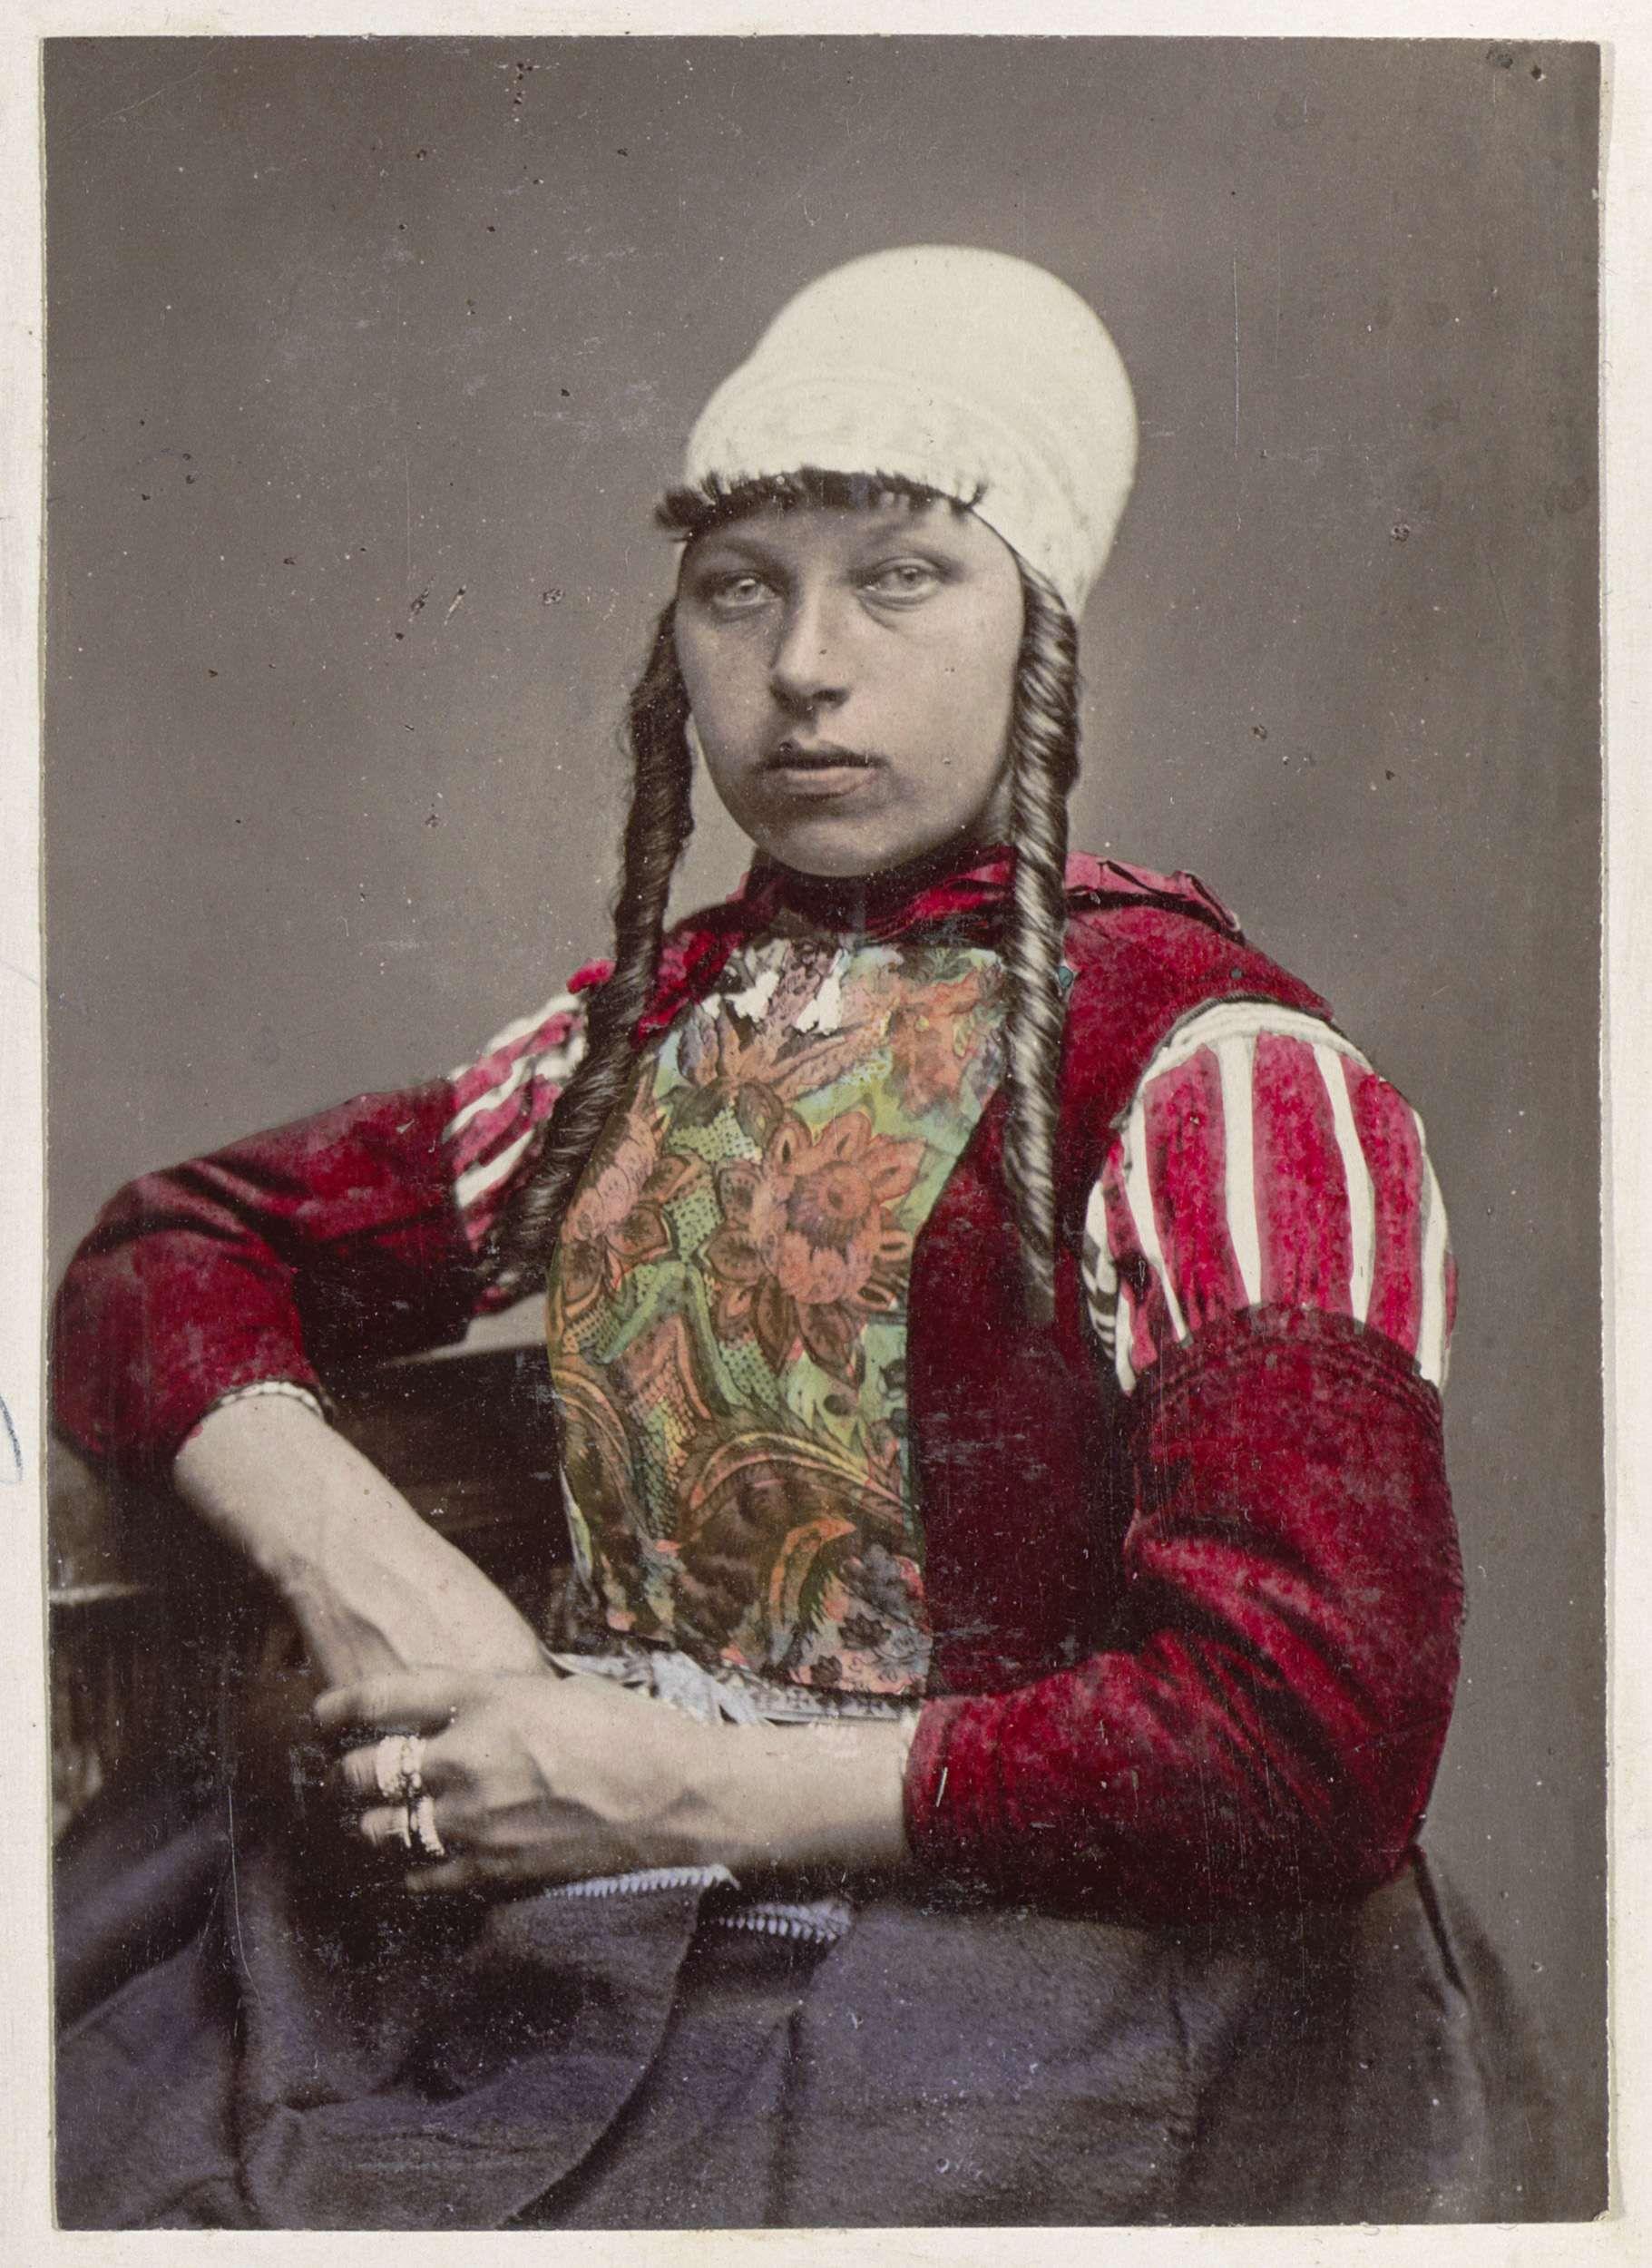 Andries Jager | Portret van een vrouw in de klederdracht van Marken, Andries Jager, 1878 - 1890 | Onderdeel van Reisalbum Europese steden, vermoedelijk Zweeds.